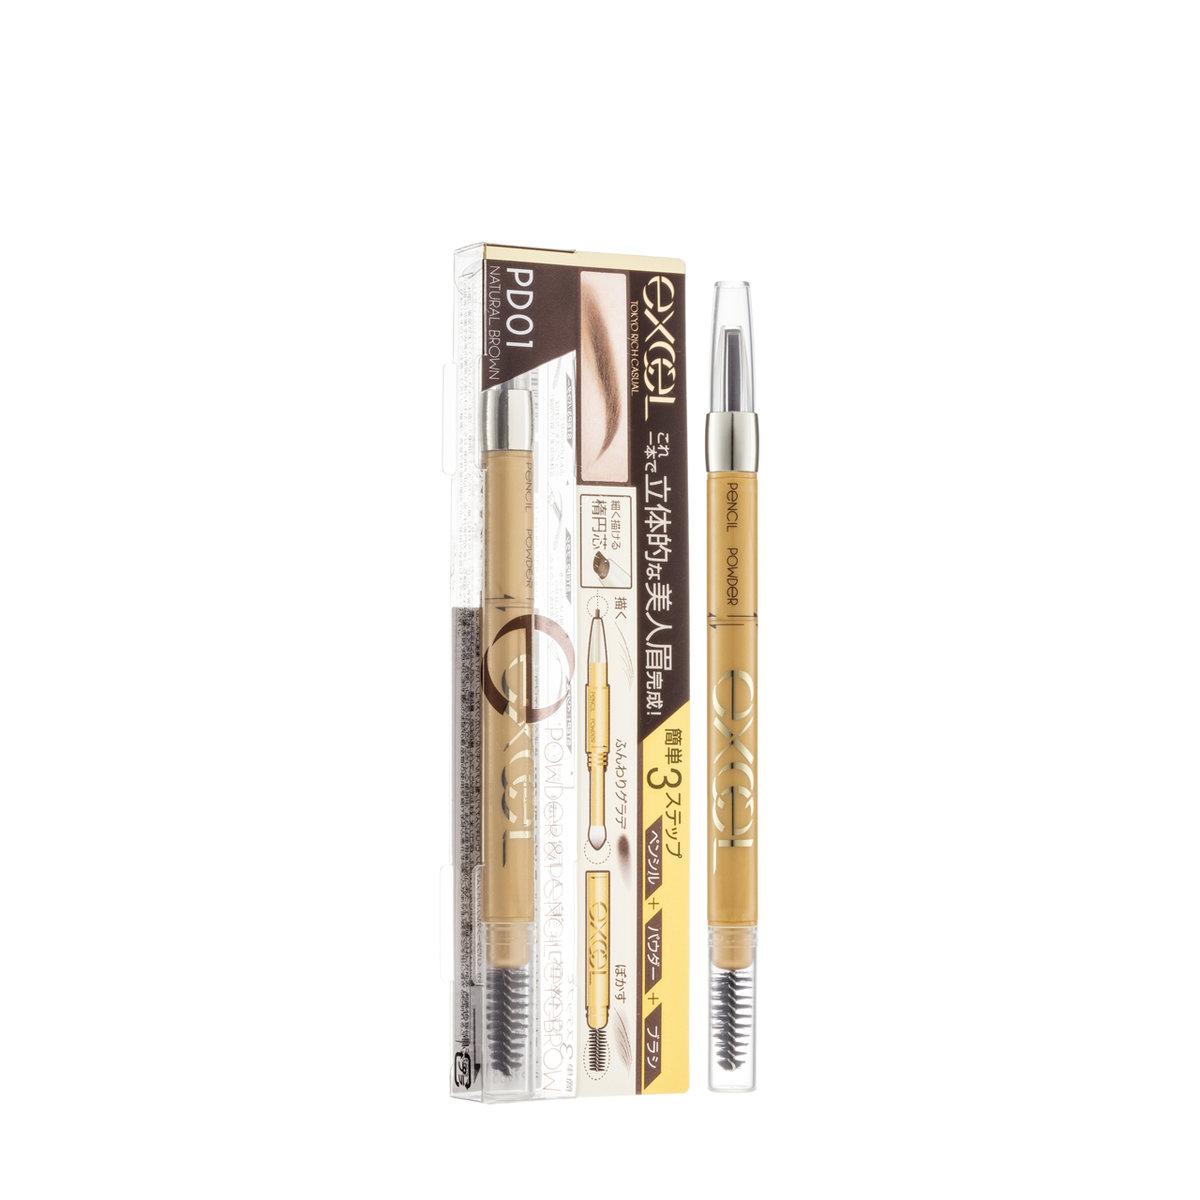 3合1持久造型眉筆 (PD01 自然啡) (莎莎獨家發售) (9克)